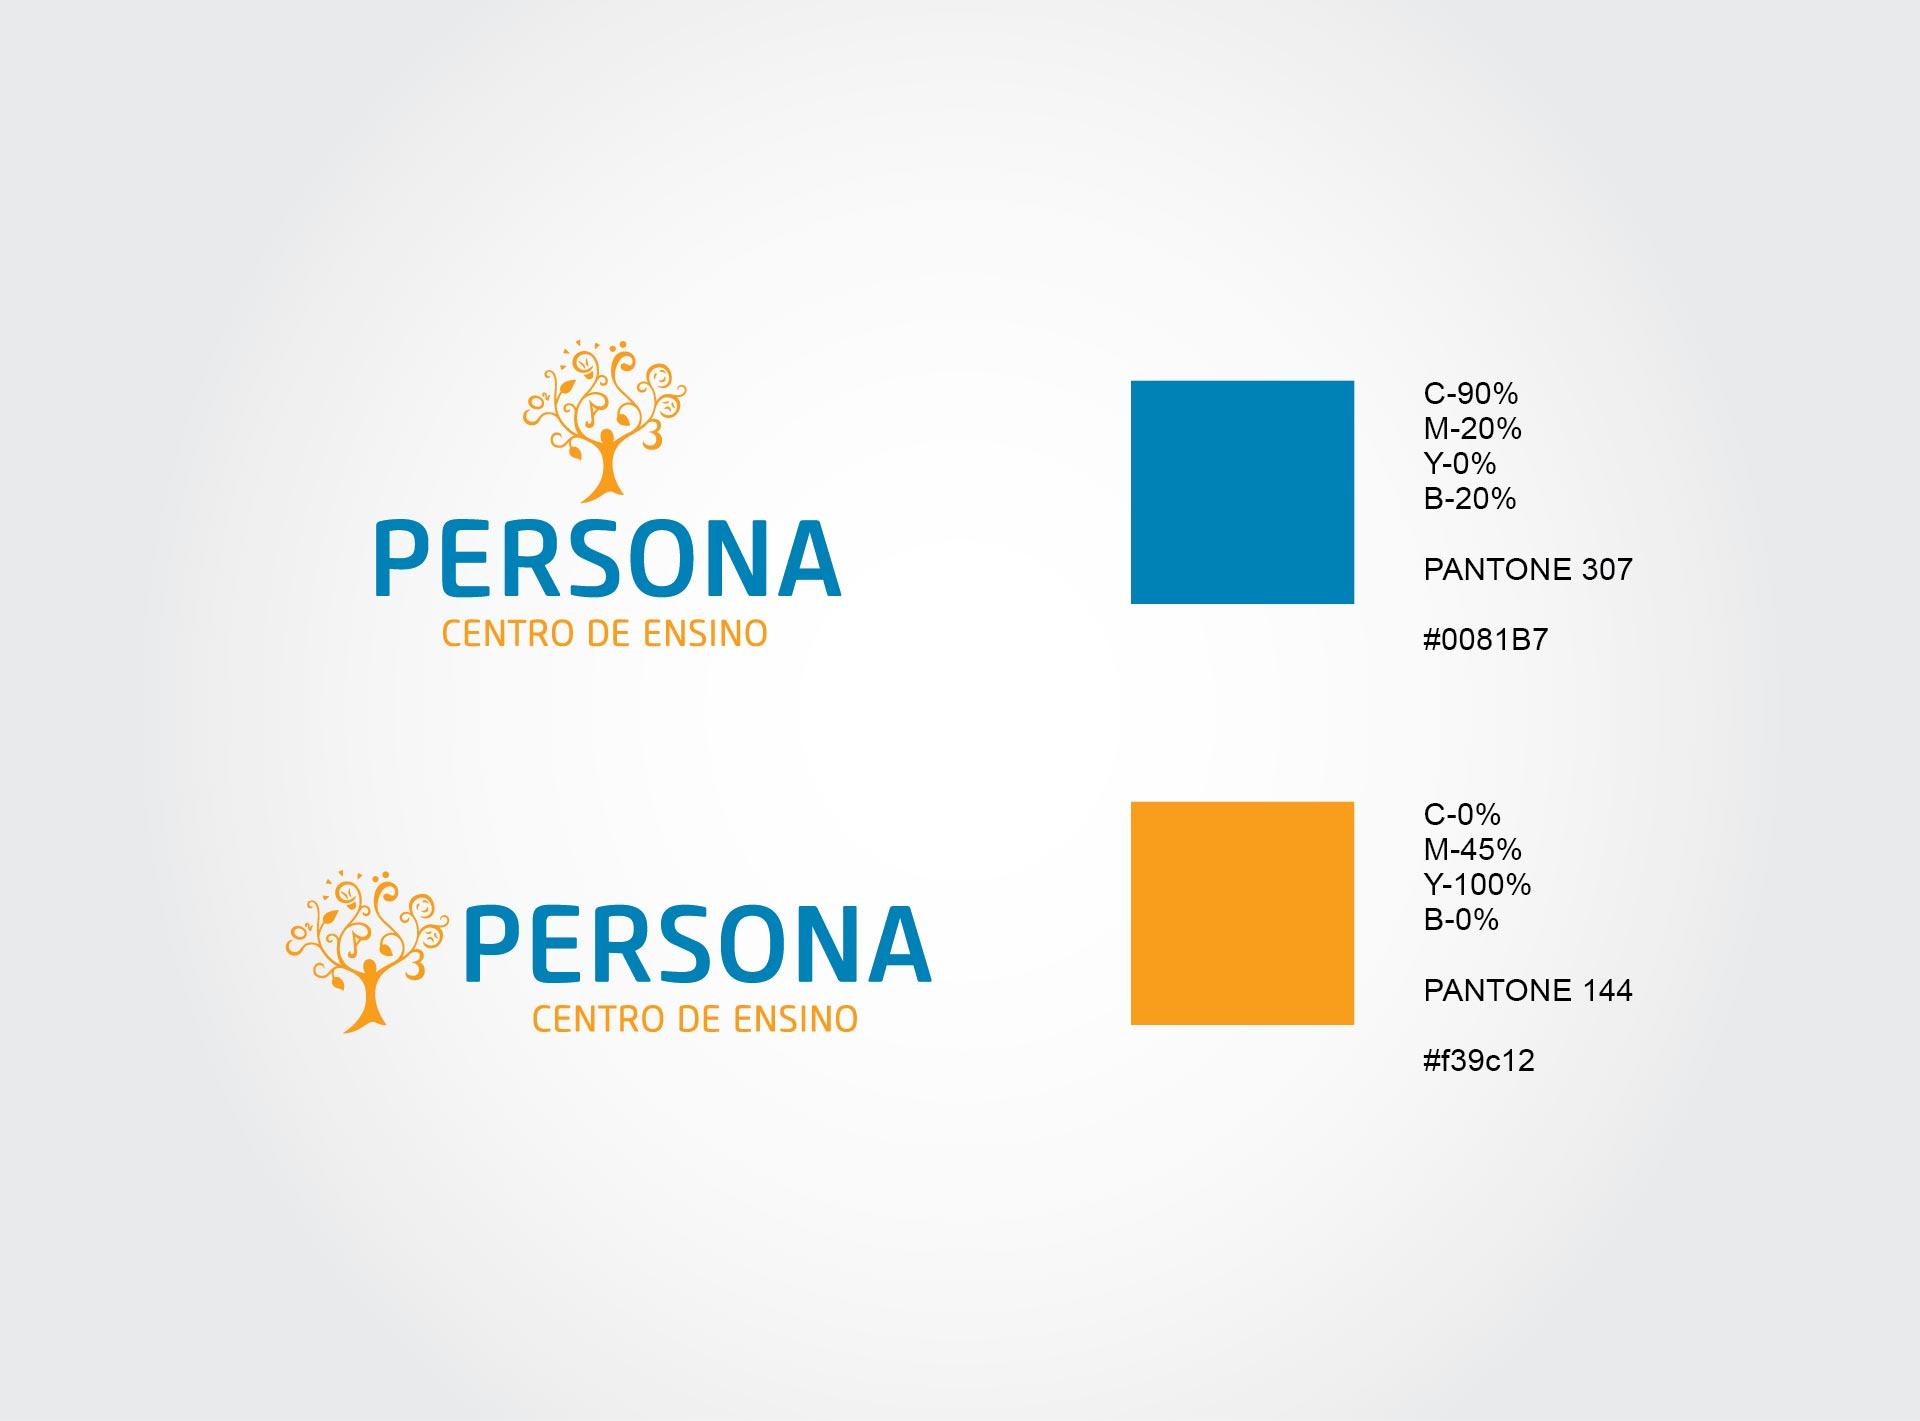 persona-04